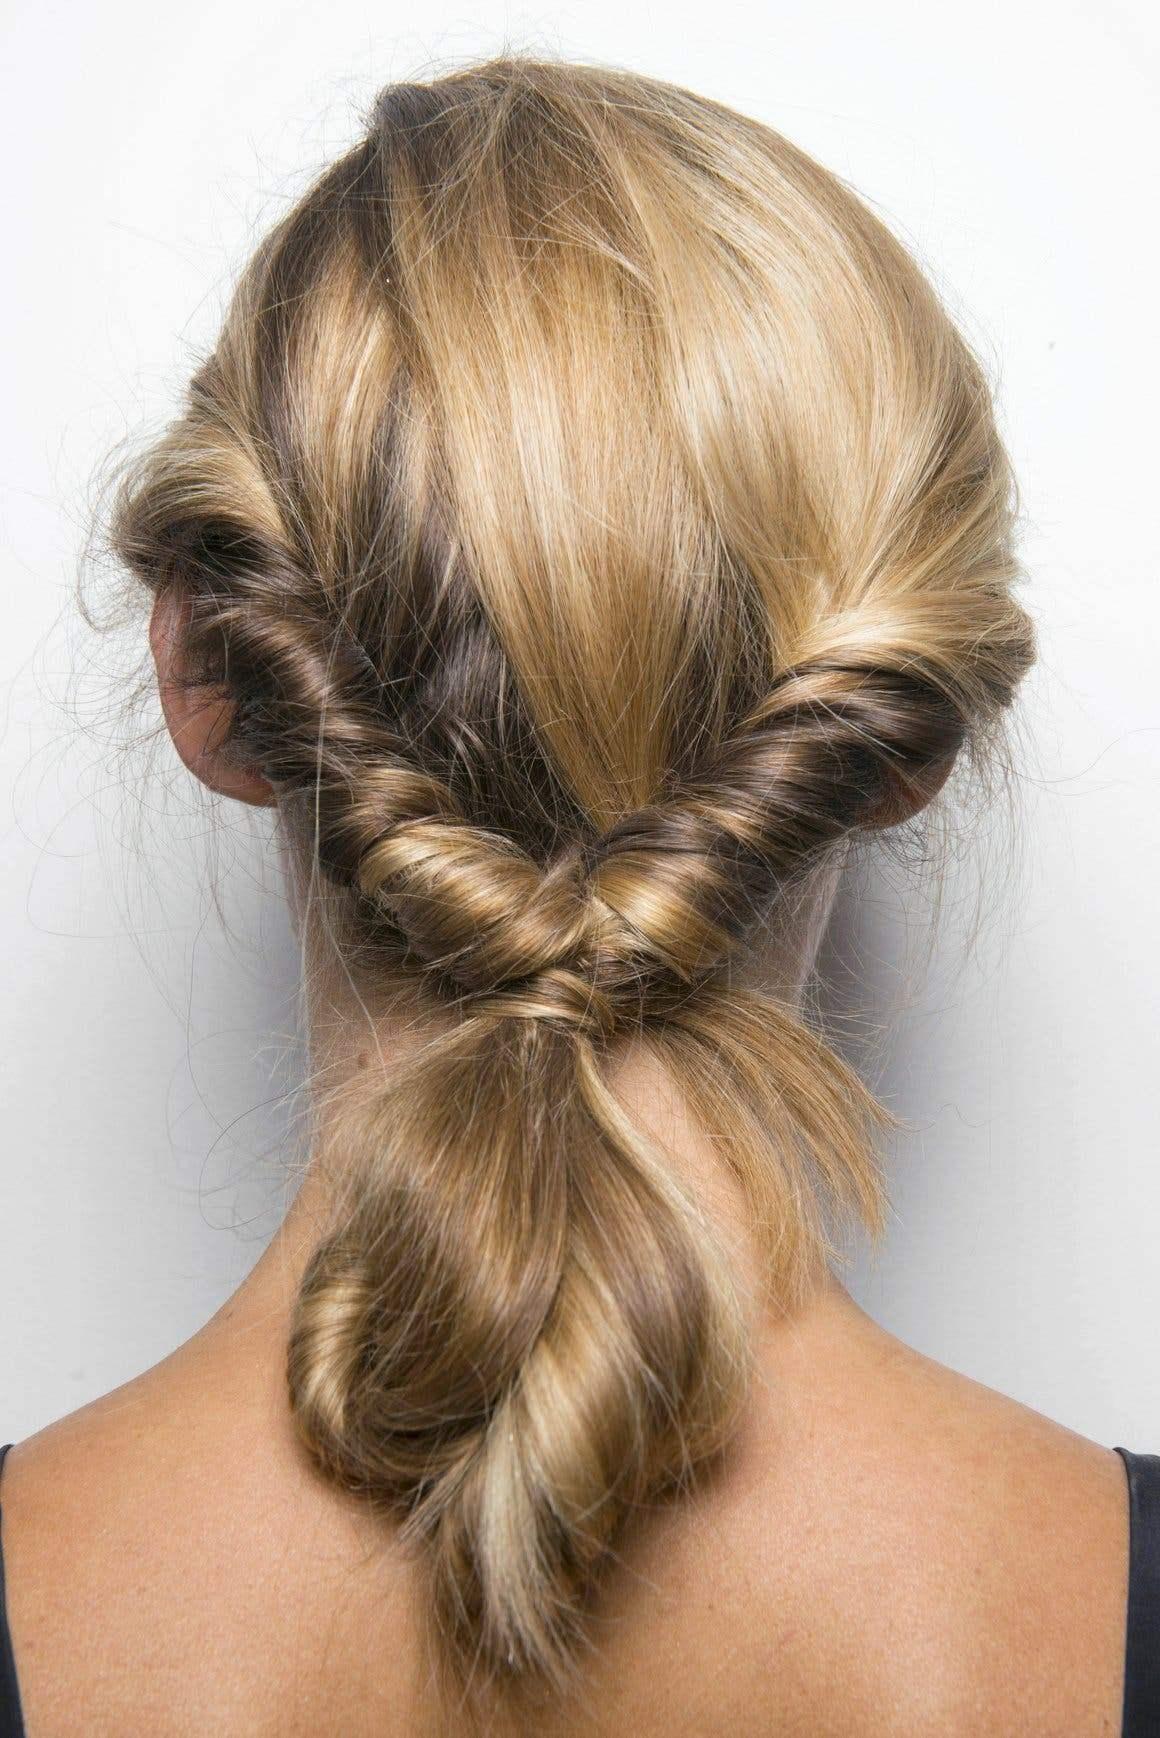 تسريحات شعر مثاليه ExtImage-4459441-1466536704.jpg